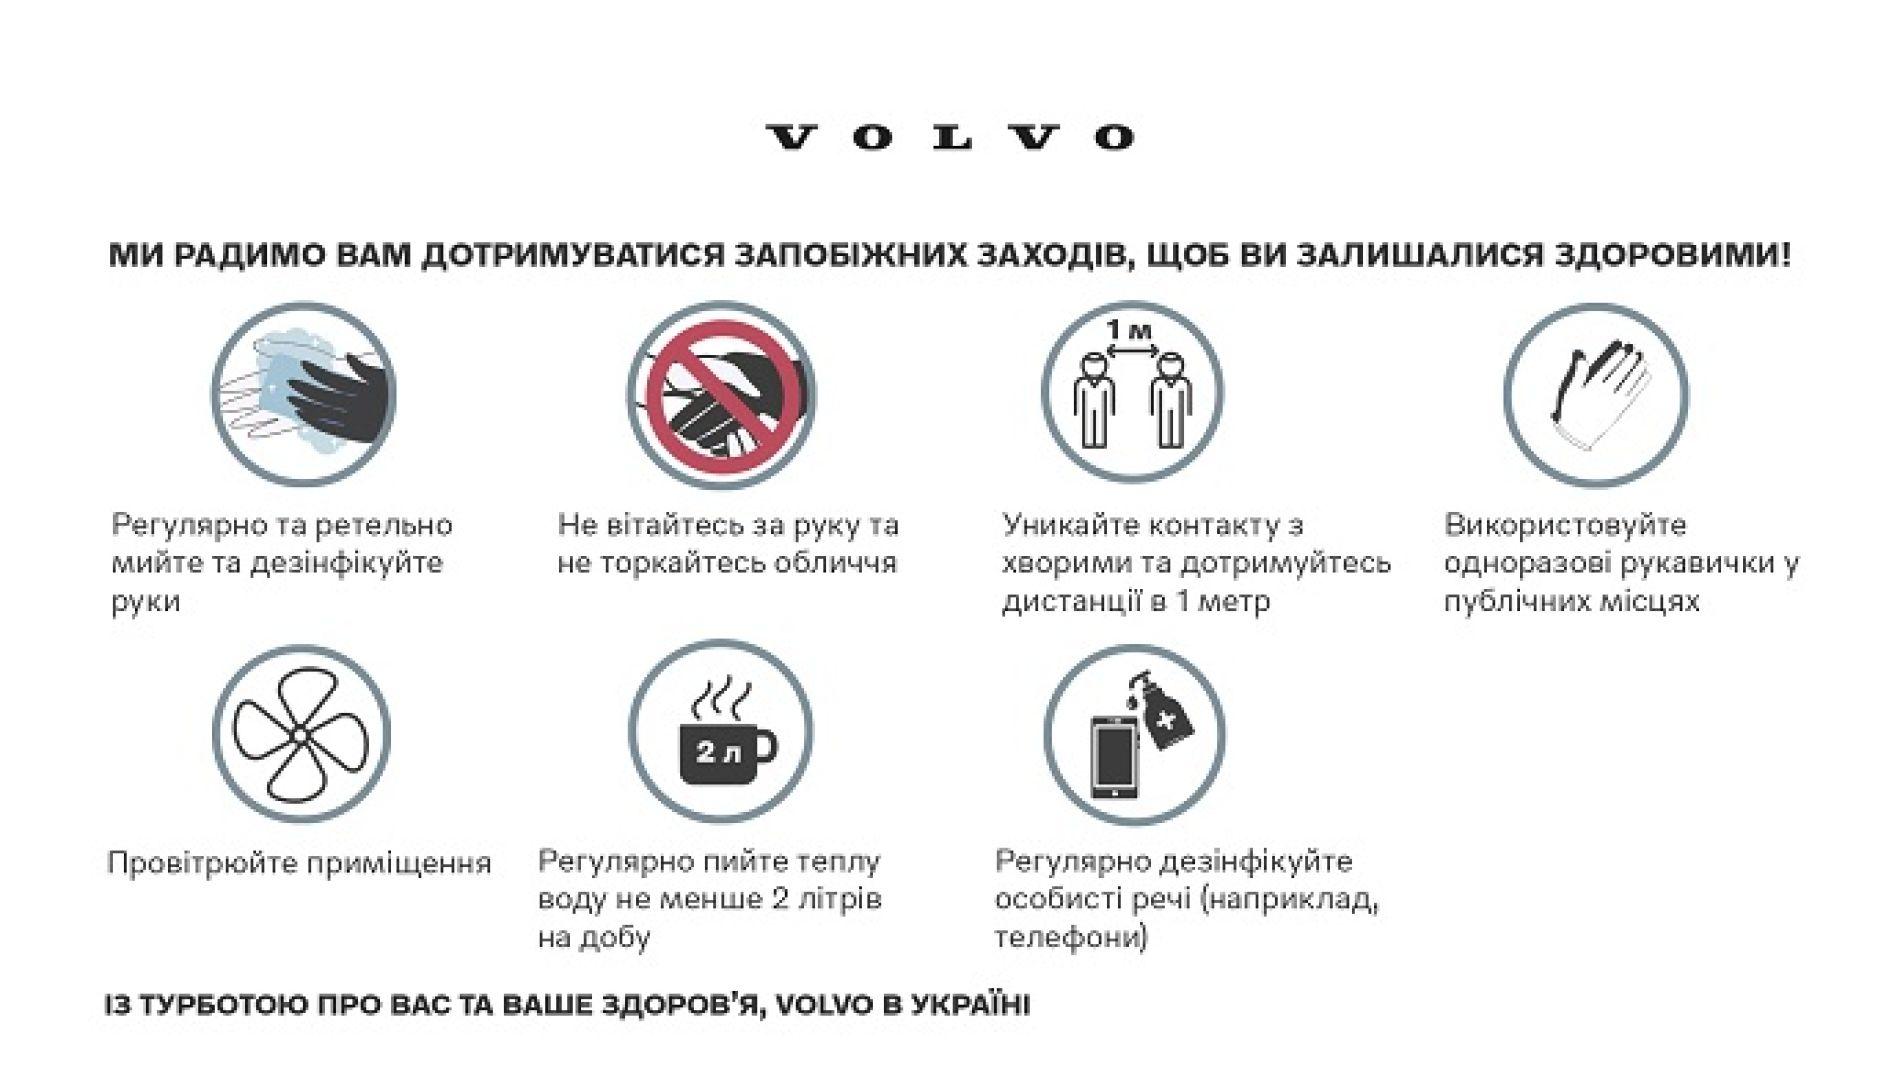 Ми дотримуємось всіх рекомендацій МОЗ України